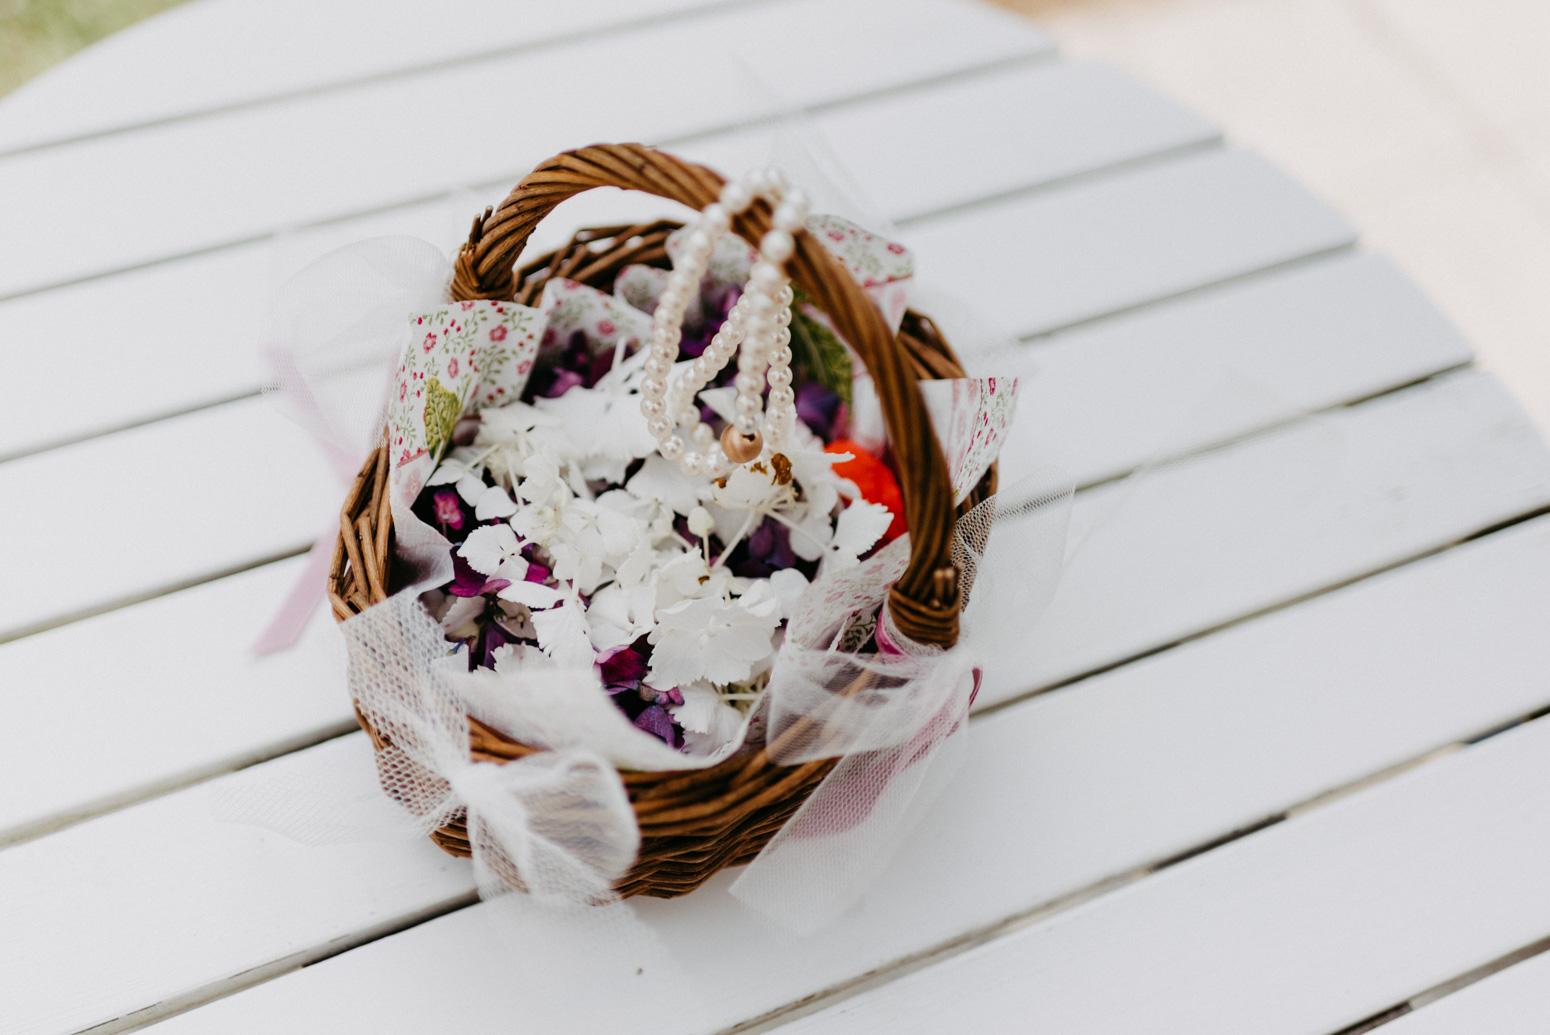 Blumenkorb der Blumenmädchen. Hochzeitsfotografin Daria Becker von Genuine Bonds aus Bonn